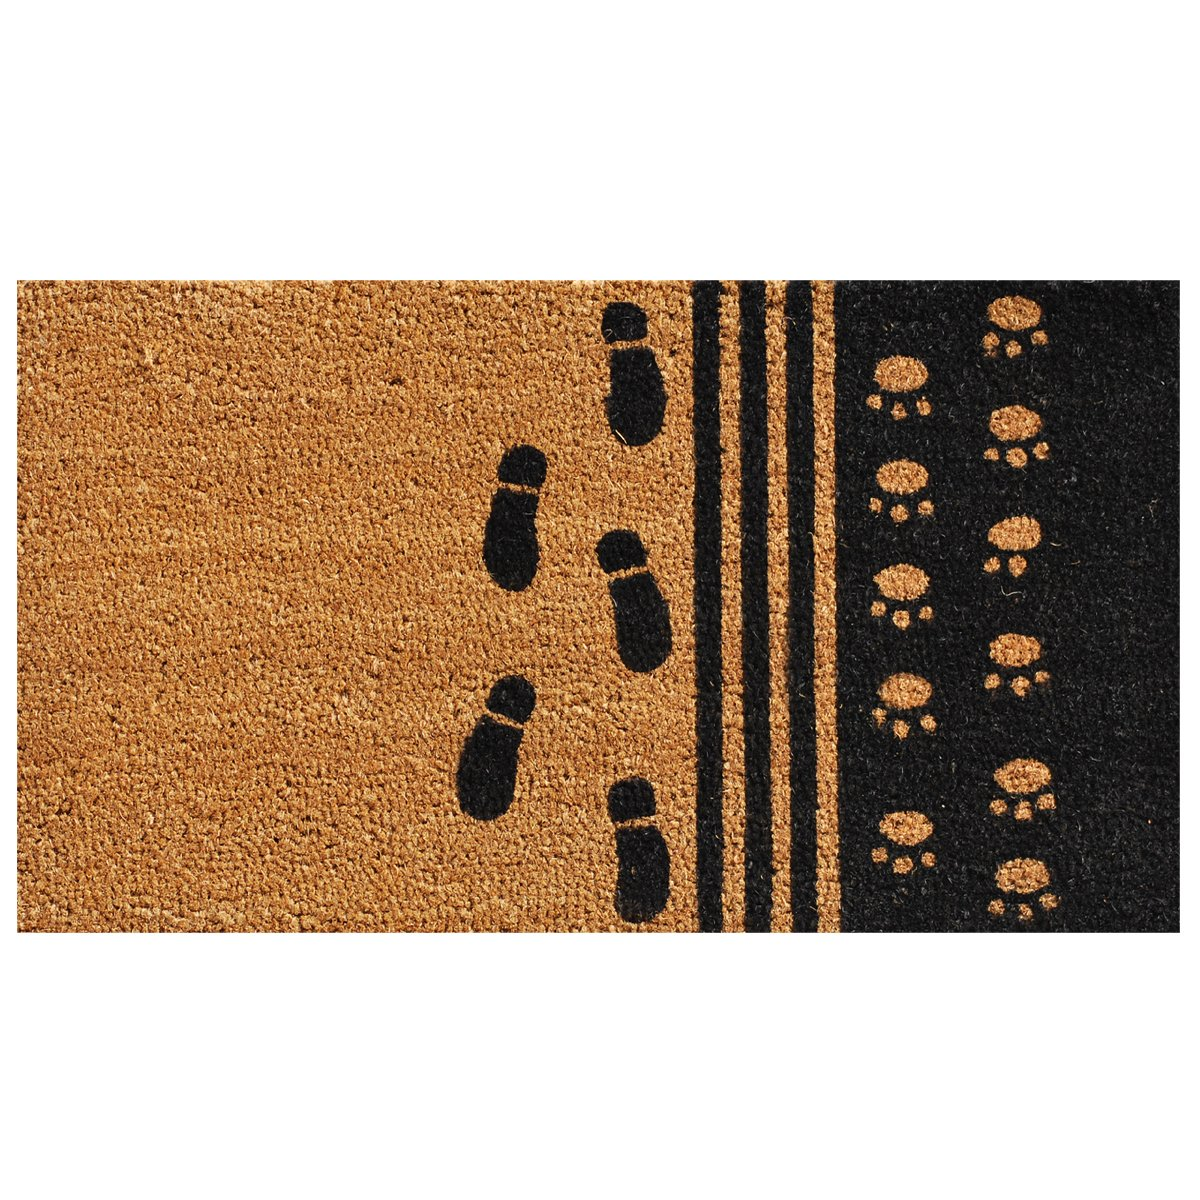 Home & More 120861729 Man's Best Friend Doormat, 17'' x 29'' x 0.60'', Multicolor